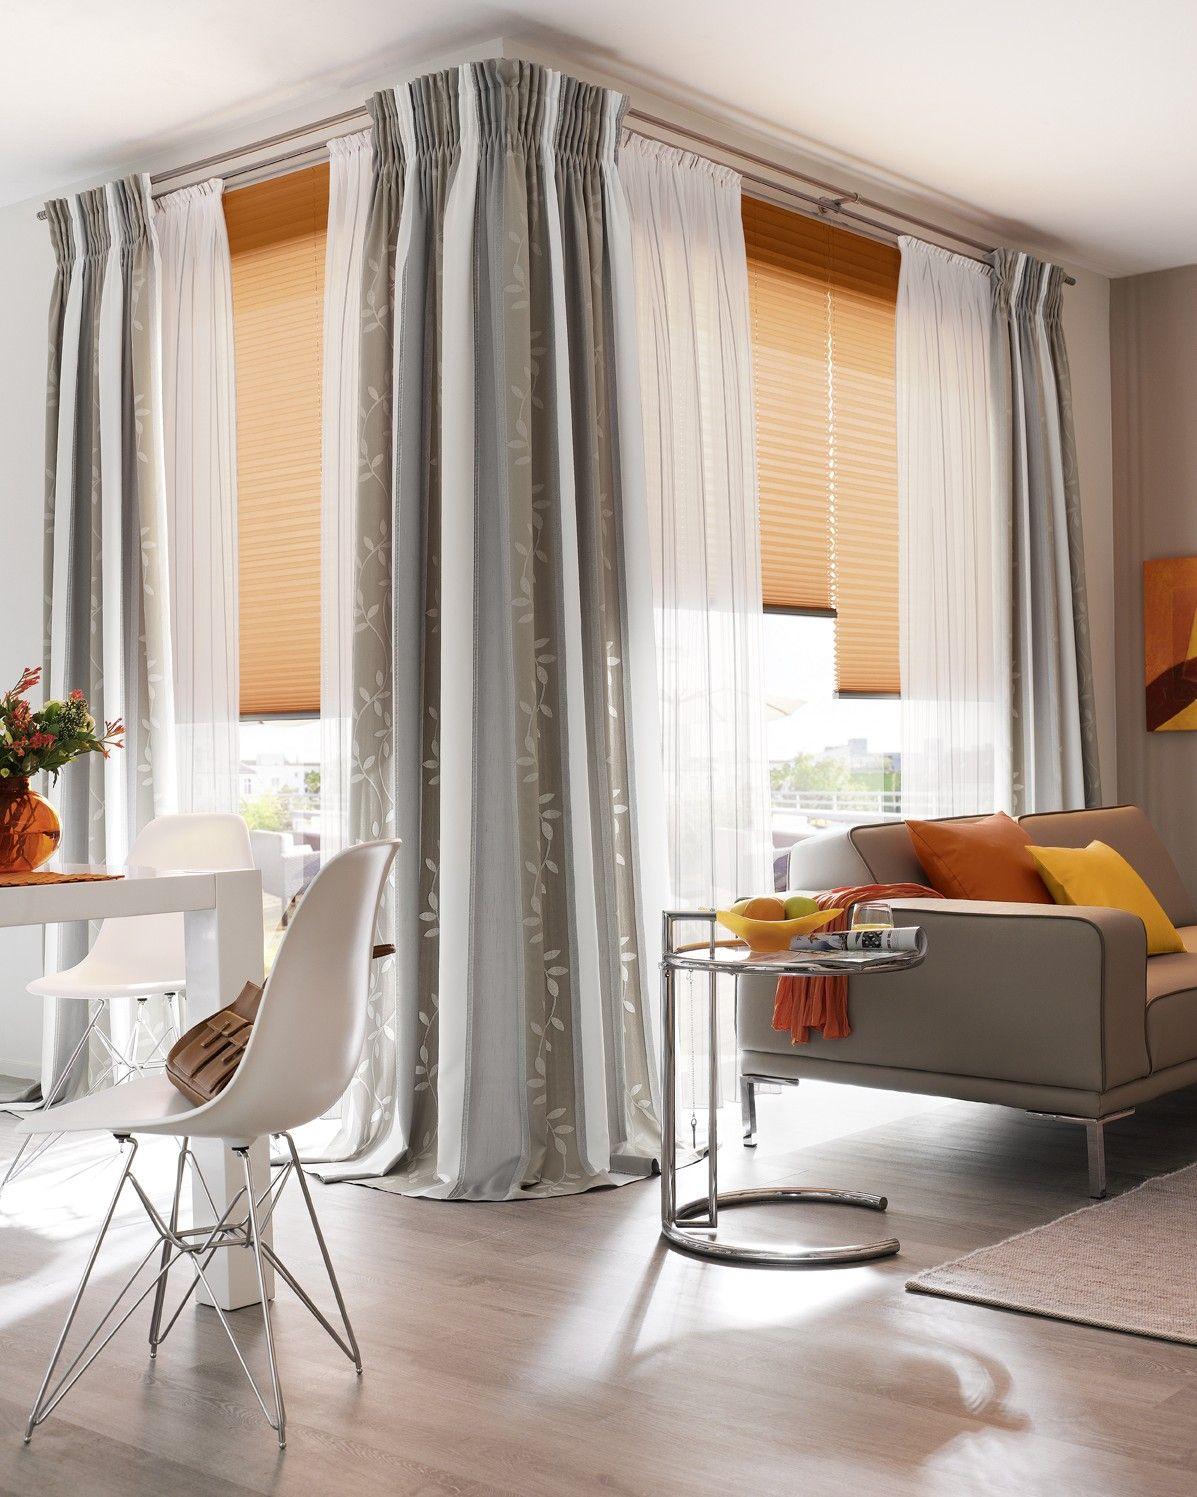 Fenster selene gardinen dekostoffe vorhang wohnstoffe plissees rollos jalousien - Gardinen rollos wohnzimmer ...